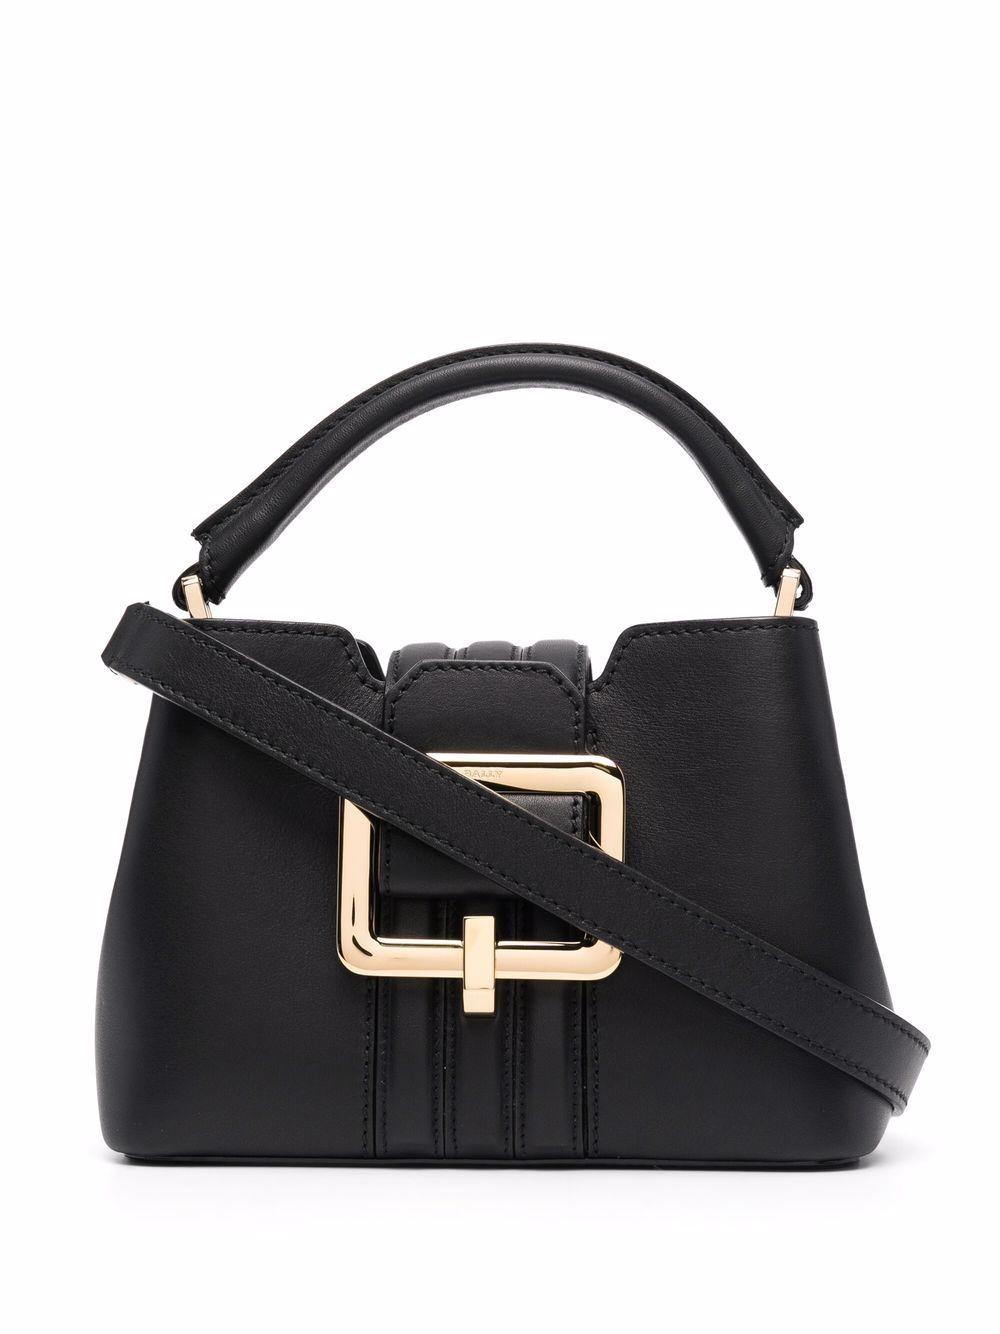 Bally Handtasche mit Schnalle - Schwarz